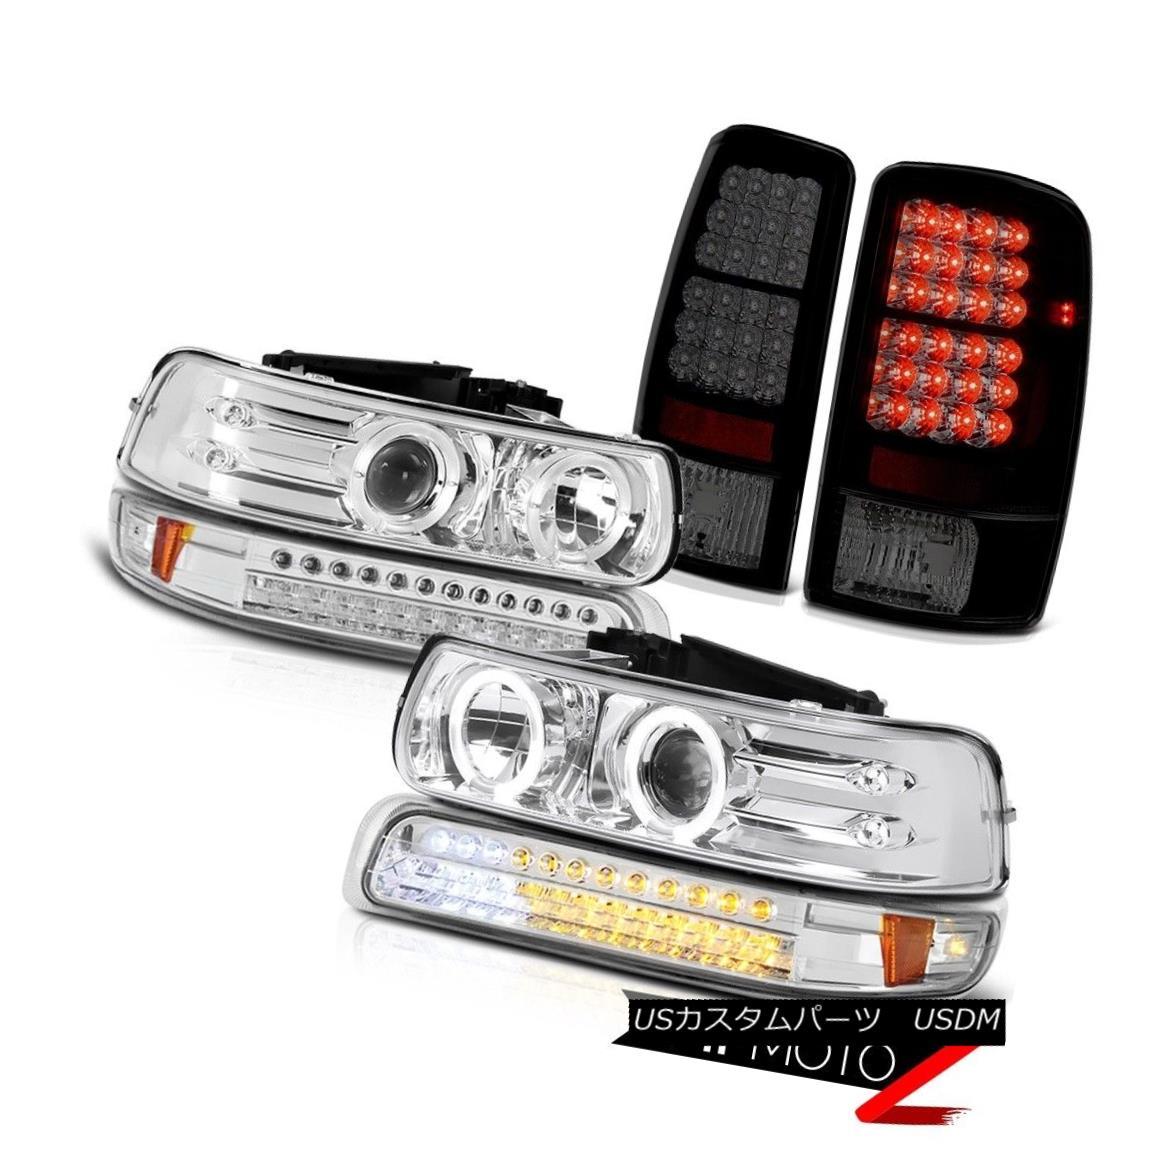 テールライト Bright Chrome LED Headlights SMD Parking Smoke Brake Lamps 2000-2006 Tahoe 5.3L 明るいクロームLEDヘッドライトSMD駐車煙ブレーキランプ2000-2006タホ5.3L